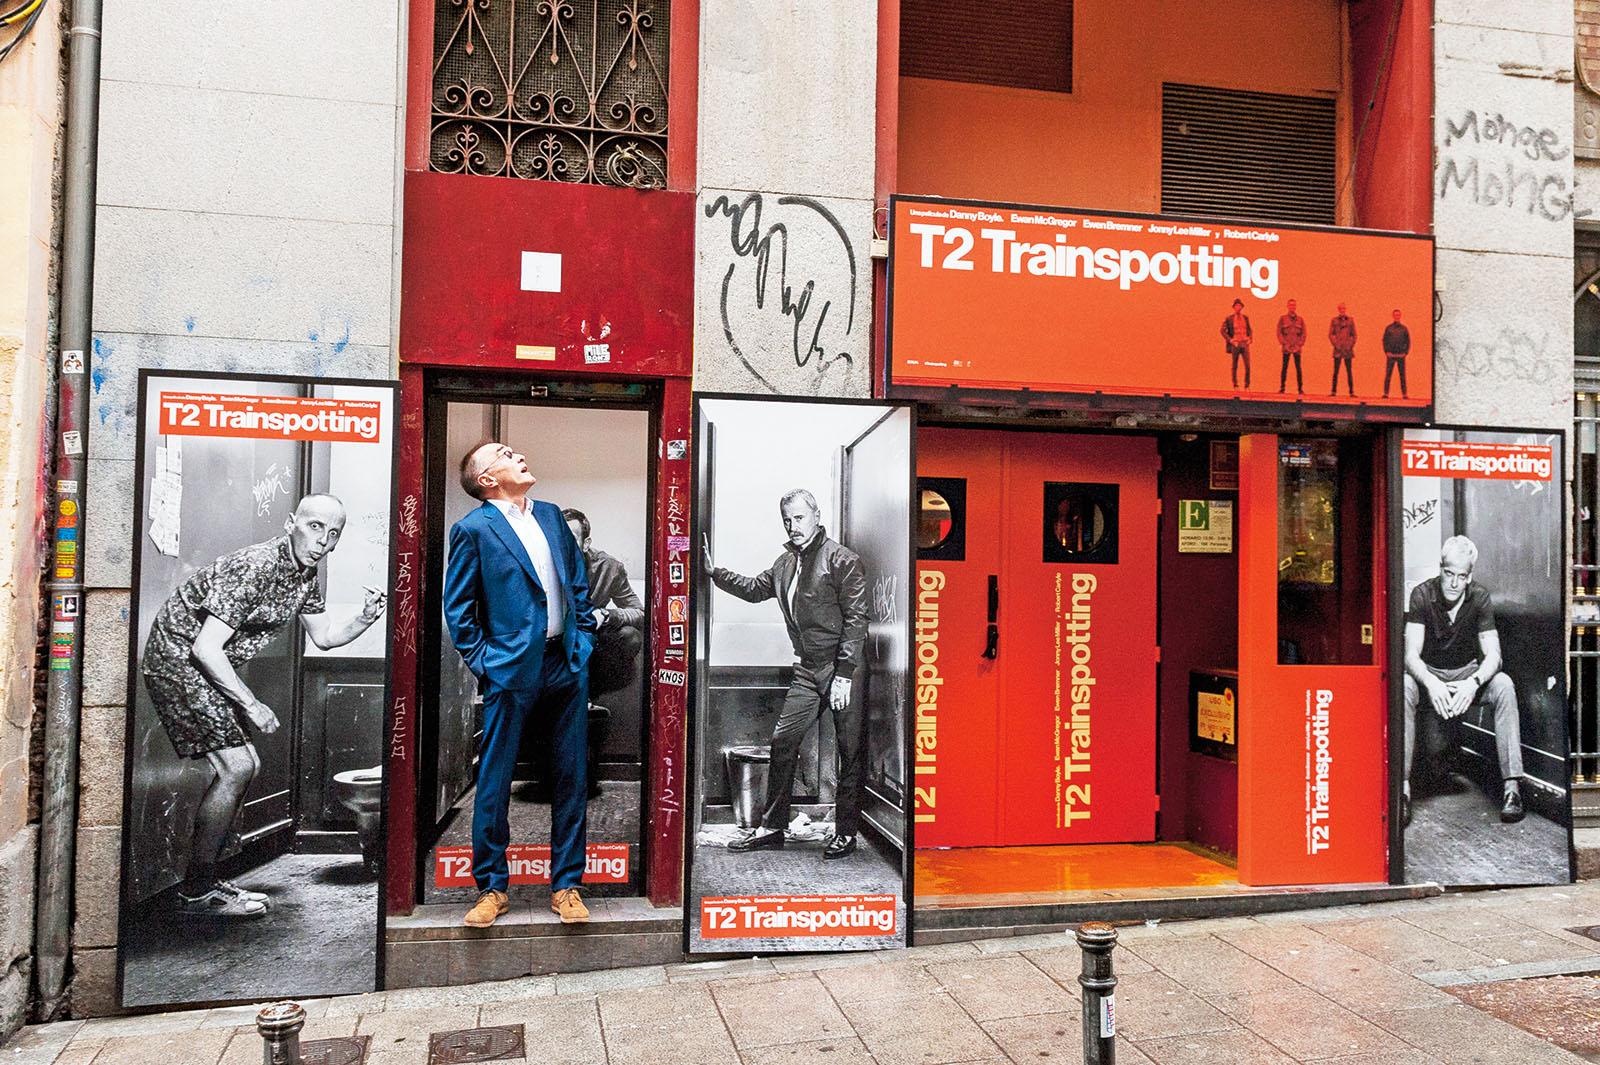 PÚBLICO - Está aí <i>T2 Trainspotting</i>, ou a nostalgia a correr para lado nenhum